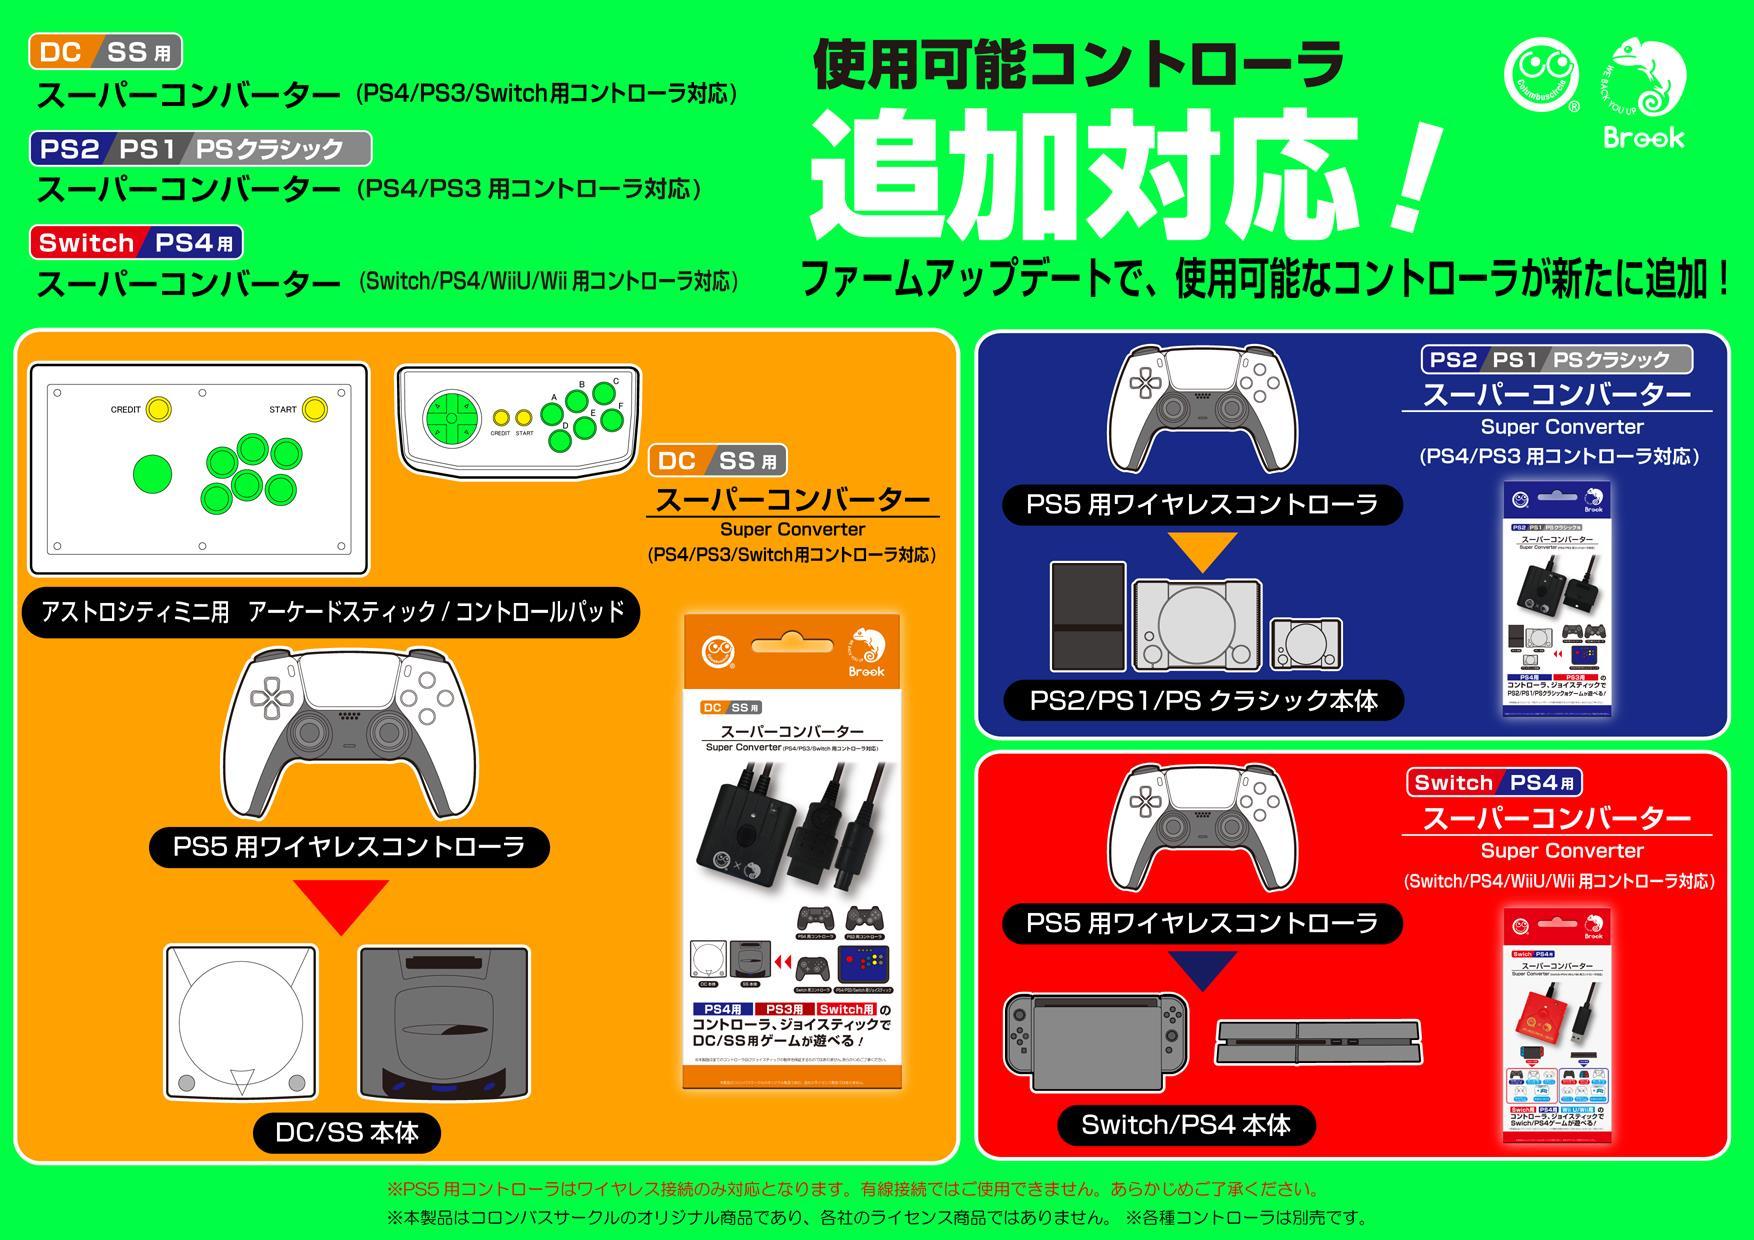 コンバーター Ps5 PS5でXIM APEXを使う